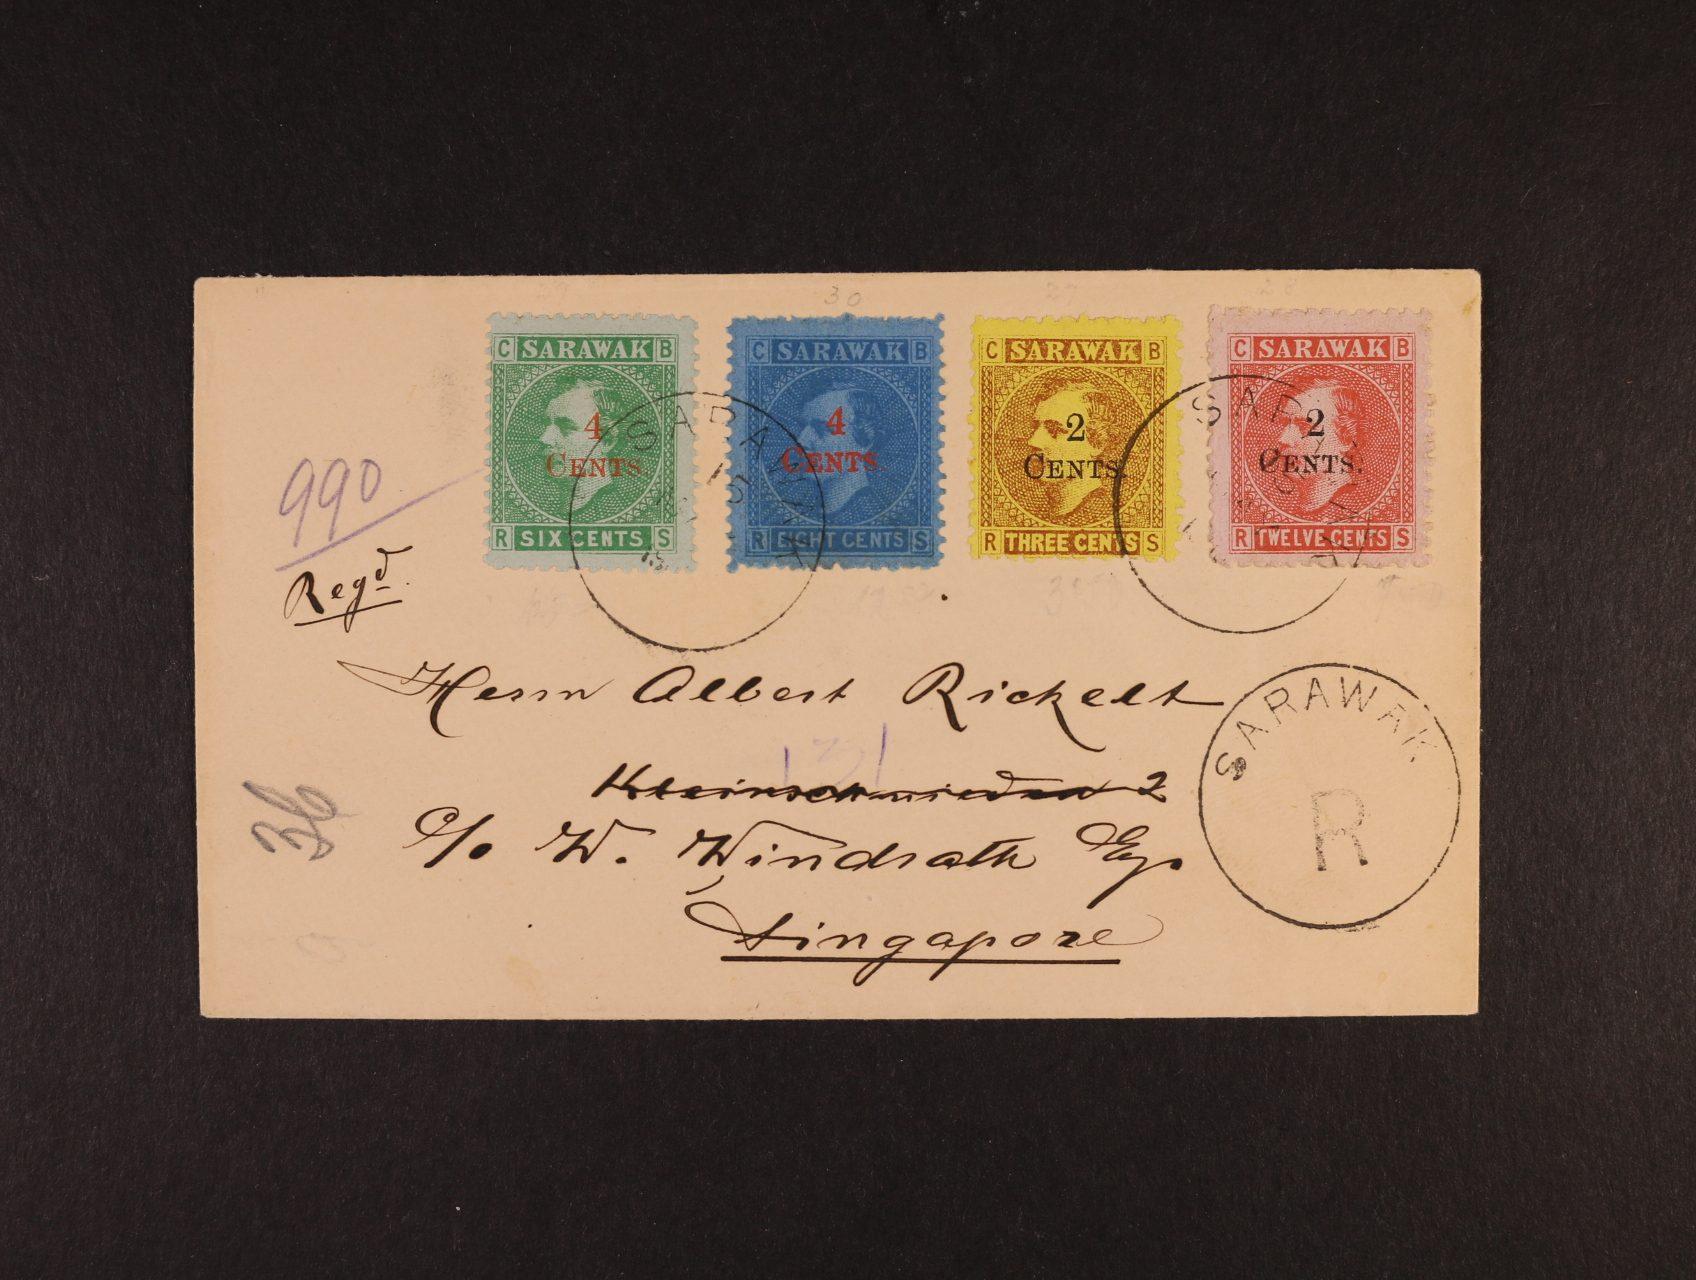 Sarawak - 1900 R-dopis se SG.32-35, Brooke 3C-12C s přetisky 2 CENTS a 4 CENTS, DR SARAWAK 15 MAY, příchozí SINGAPORE MY 17; bezvadná a PŘESNÁ FRANKATURA 12C (4C za 1/2oz dopis + 8C R-poplatek); kat. min. L850, ex. Milo D. Rowell Collection, mimořádná nabídka!